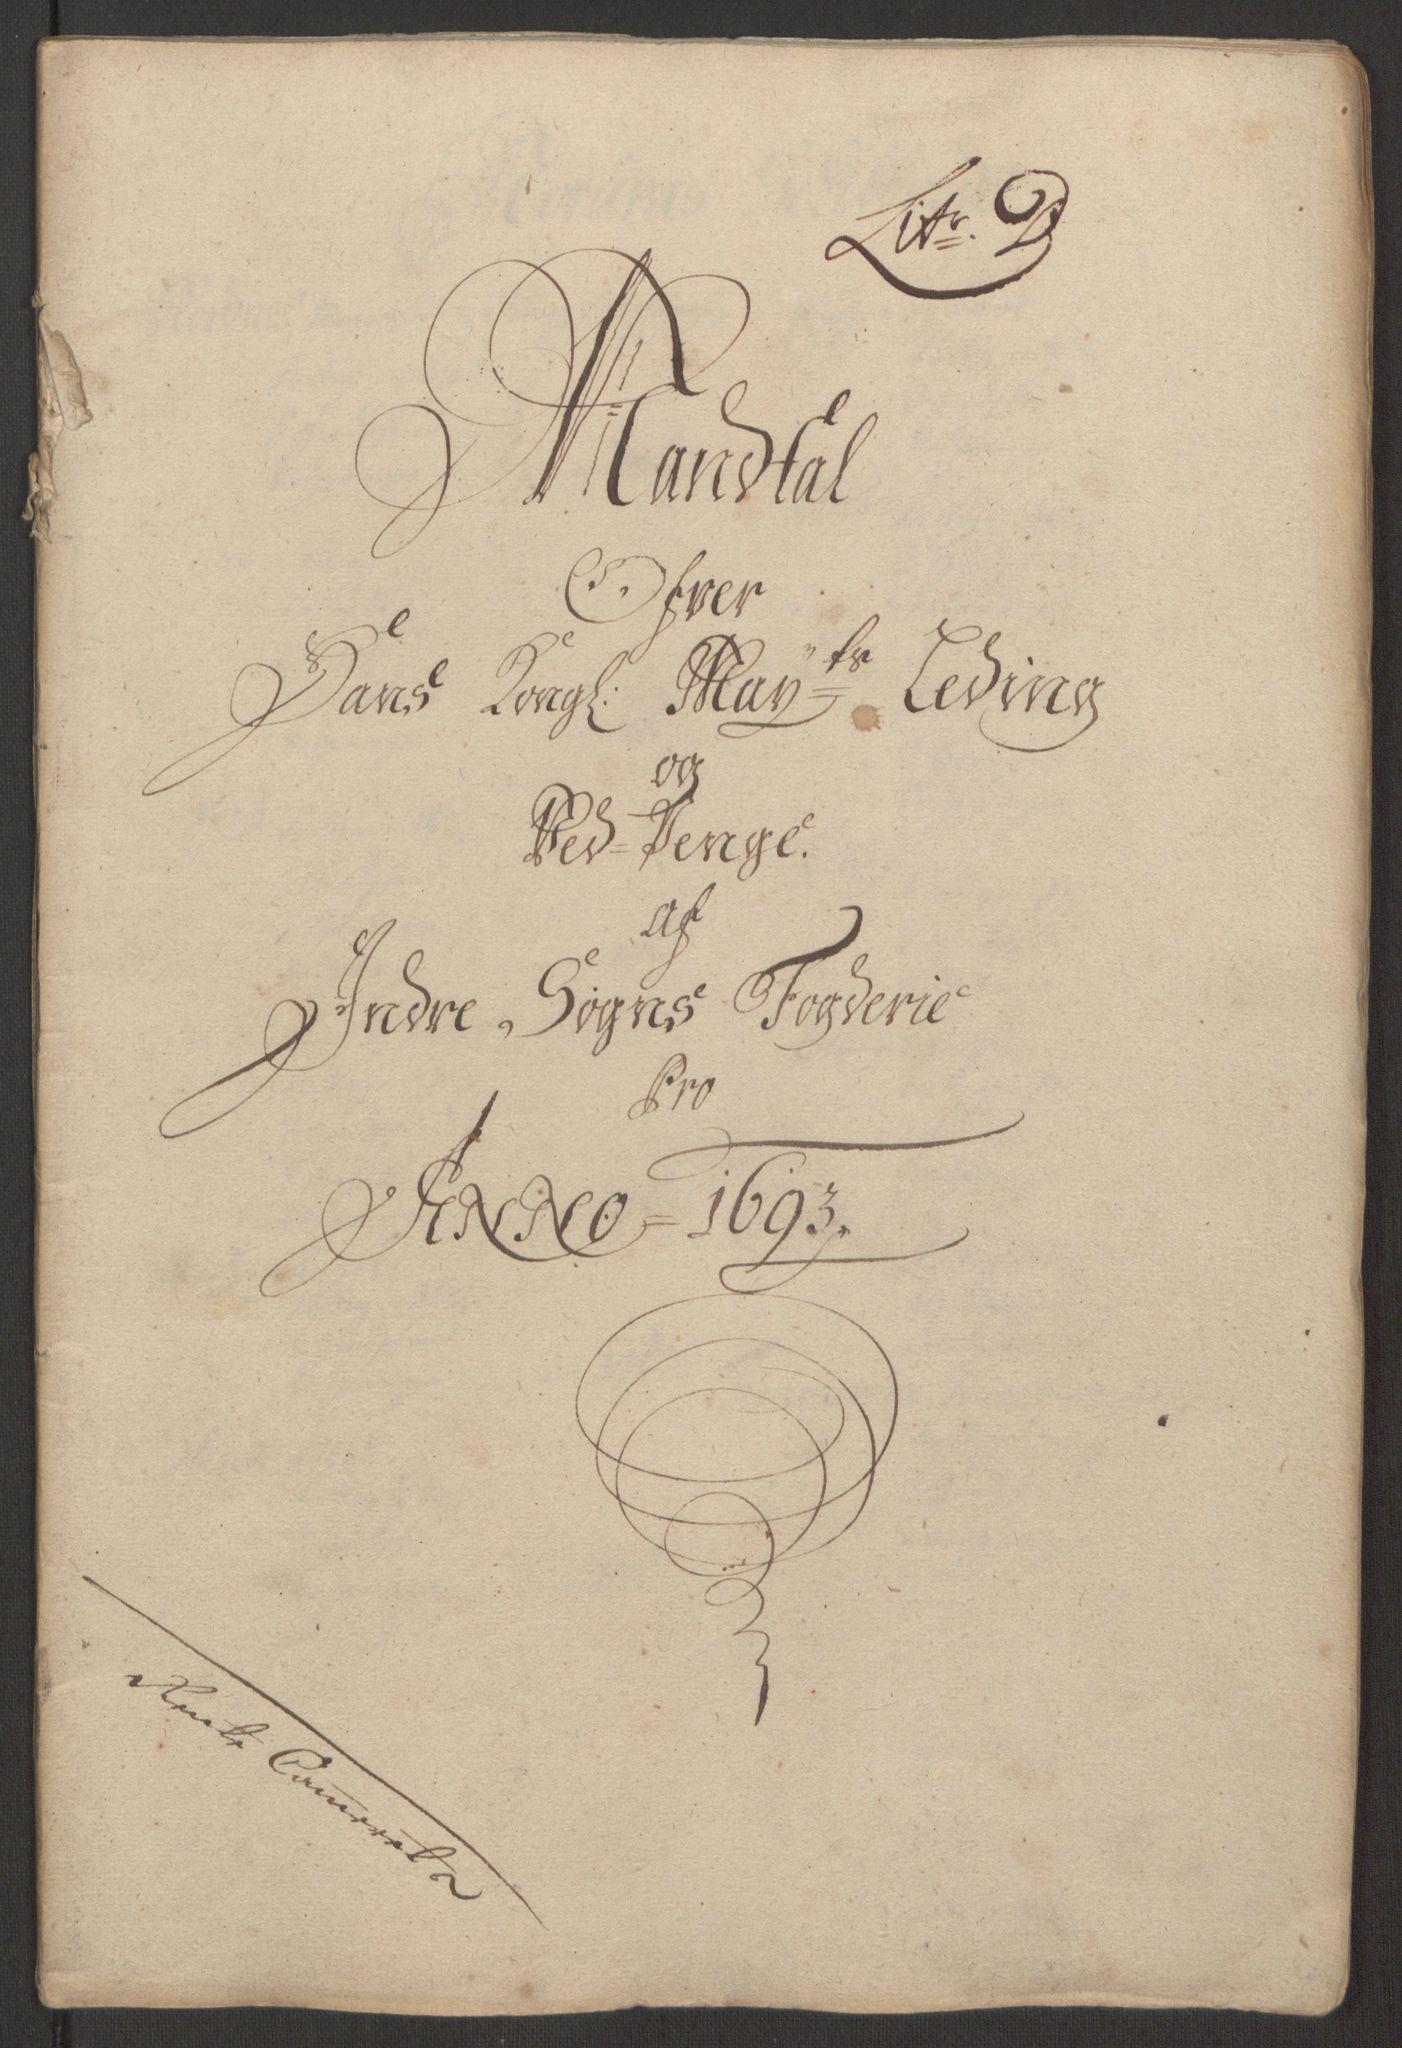 RA, Rentekammeret inntil 1814, Reviderte regnskaper, Fogderegnskap, R52/L3307: Fogderegnskap Sogn, 1693-1694, s. 98